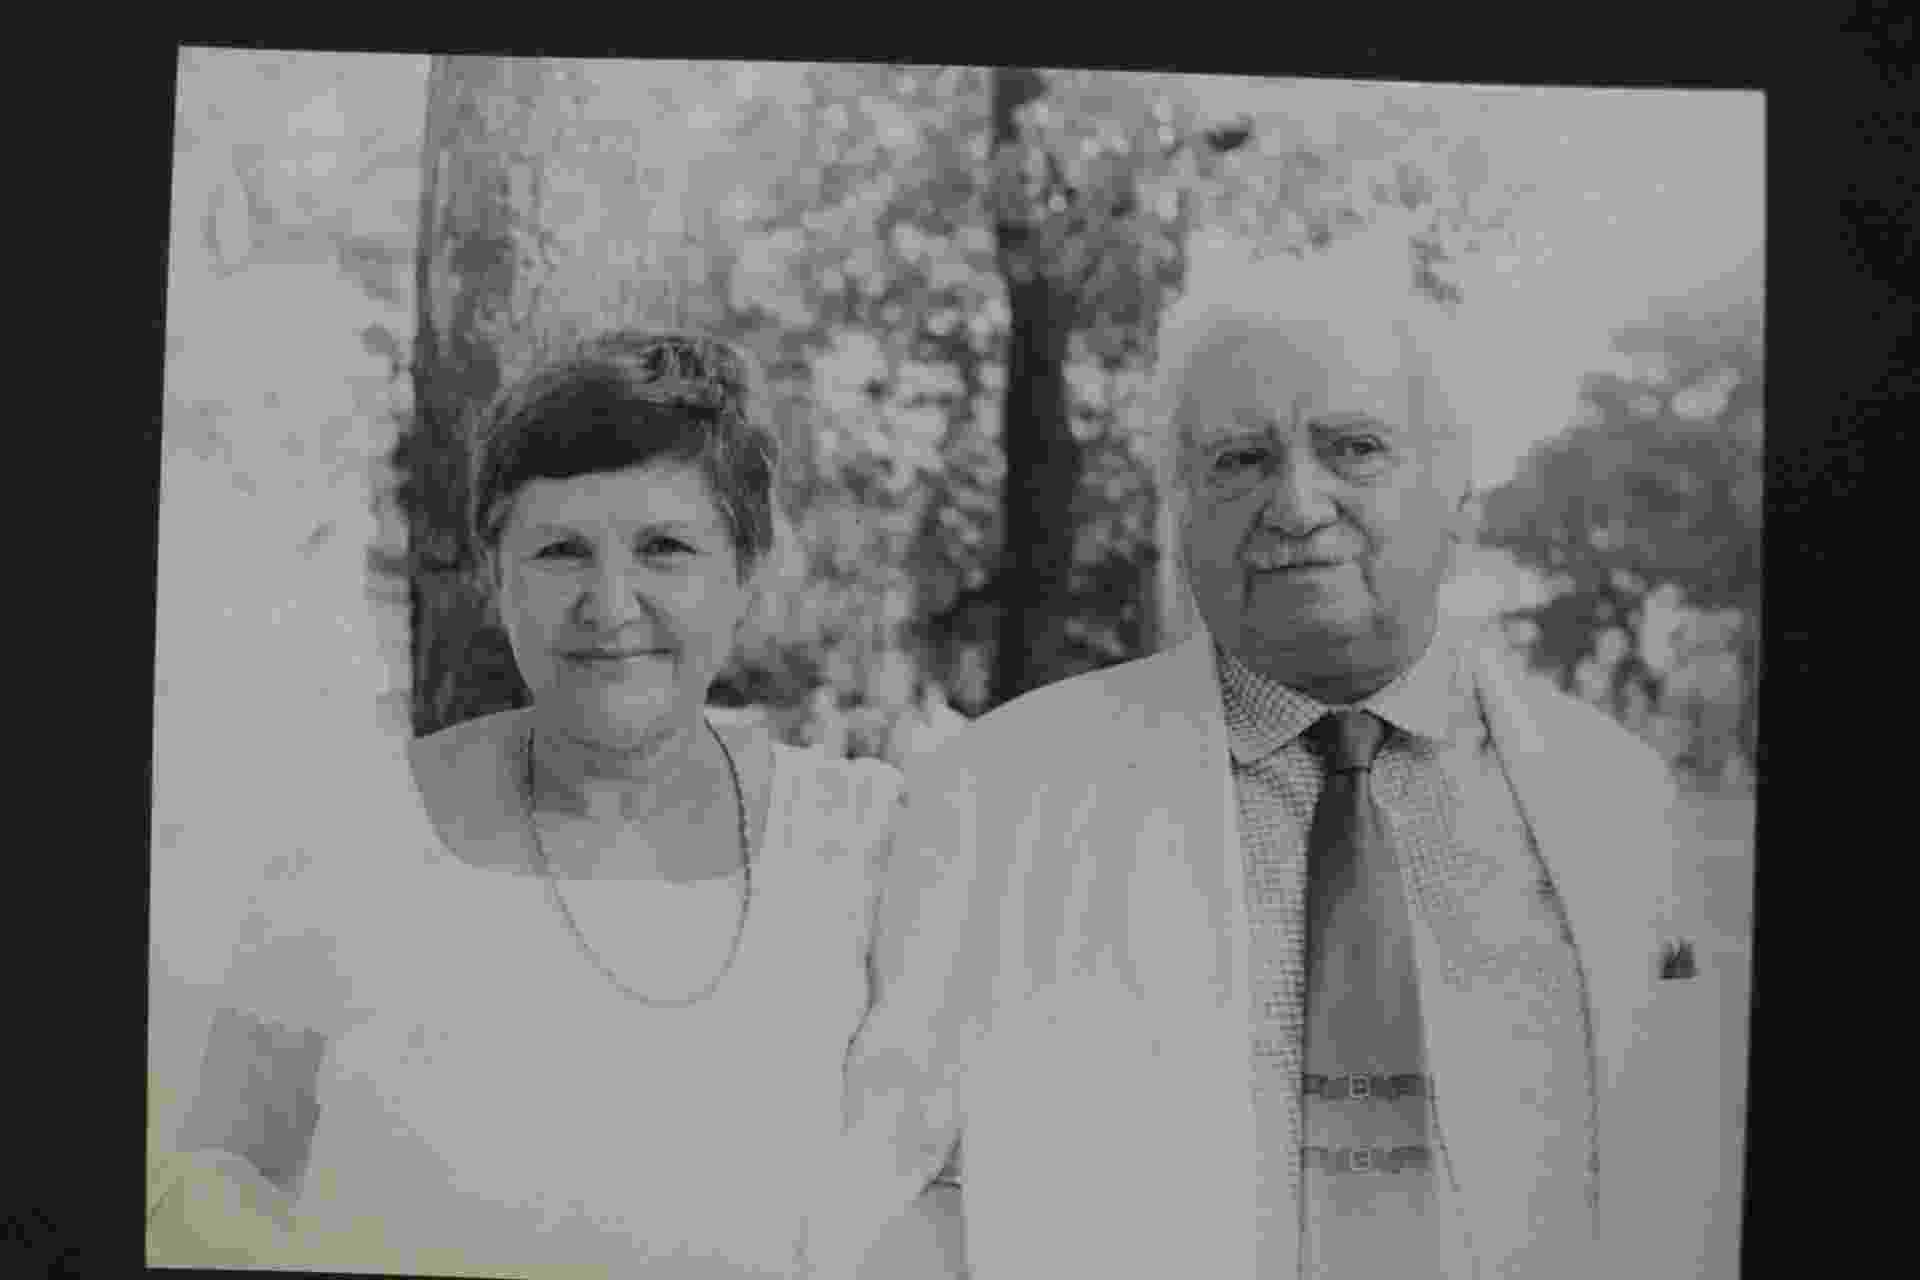 Jorge Amado e sua esposa durante uma visita a? Biblioteca Nacional. Datada entre 1984 e 1986. Exposição até o final de fevereiro, no Museu Nacional no Rio - Divulgação